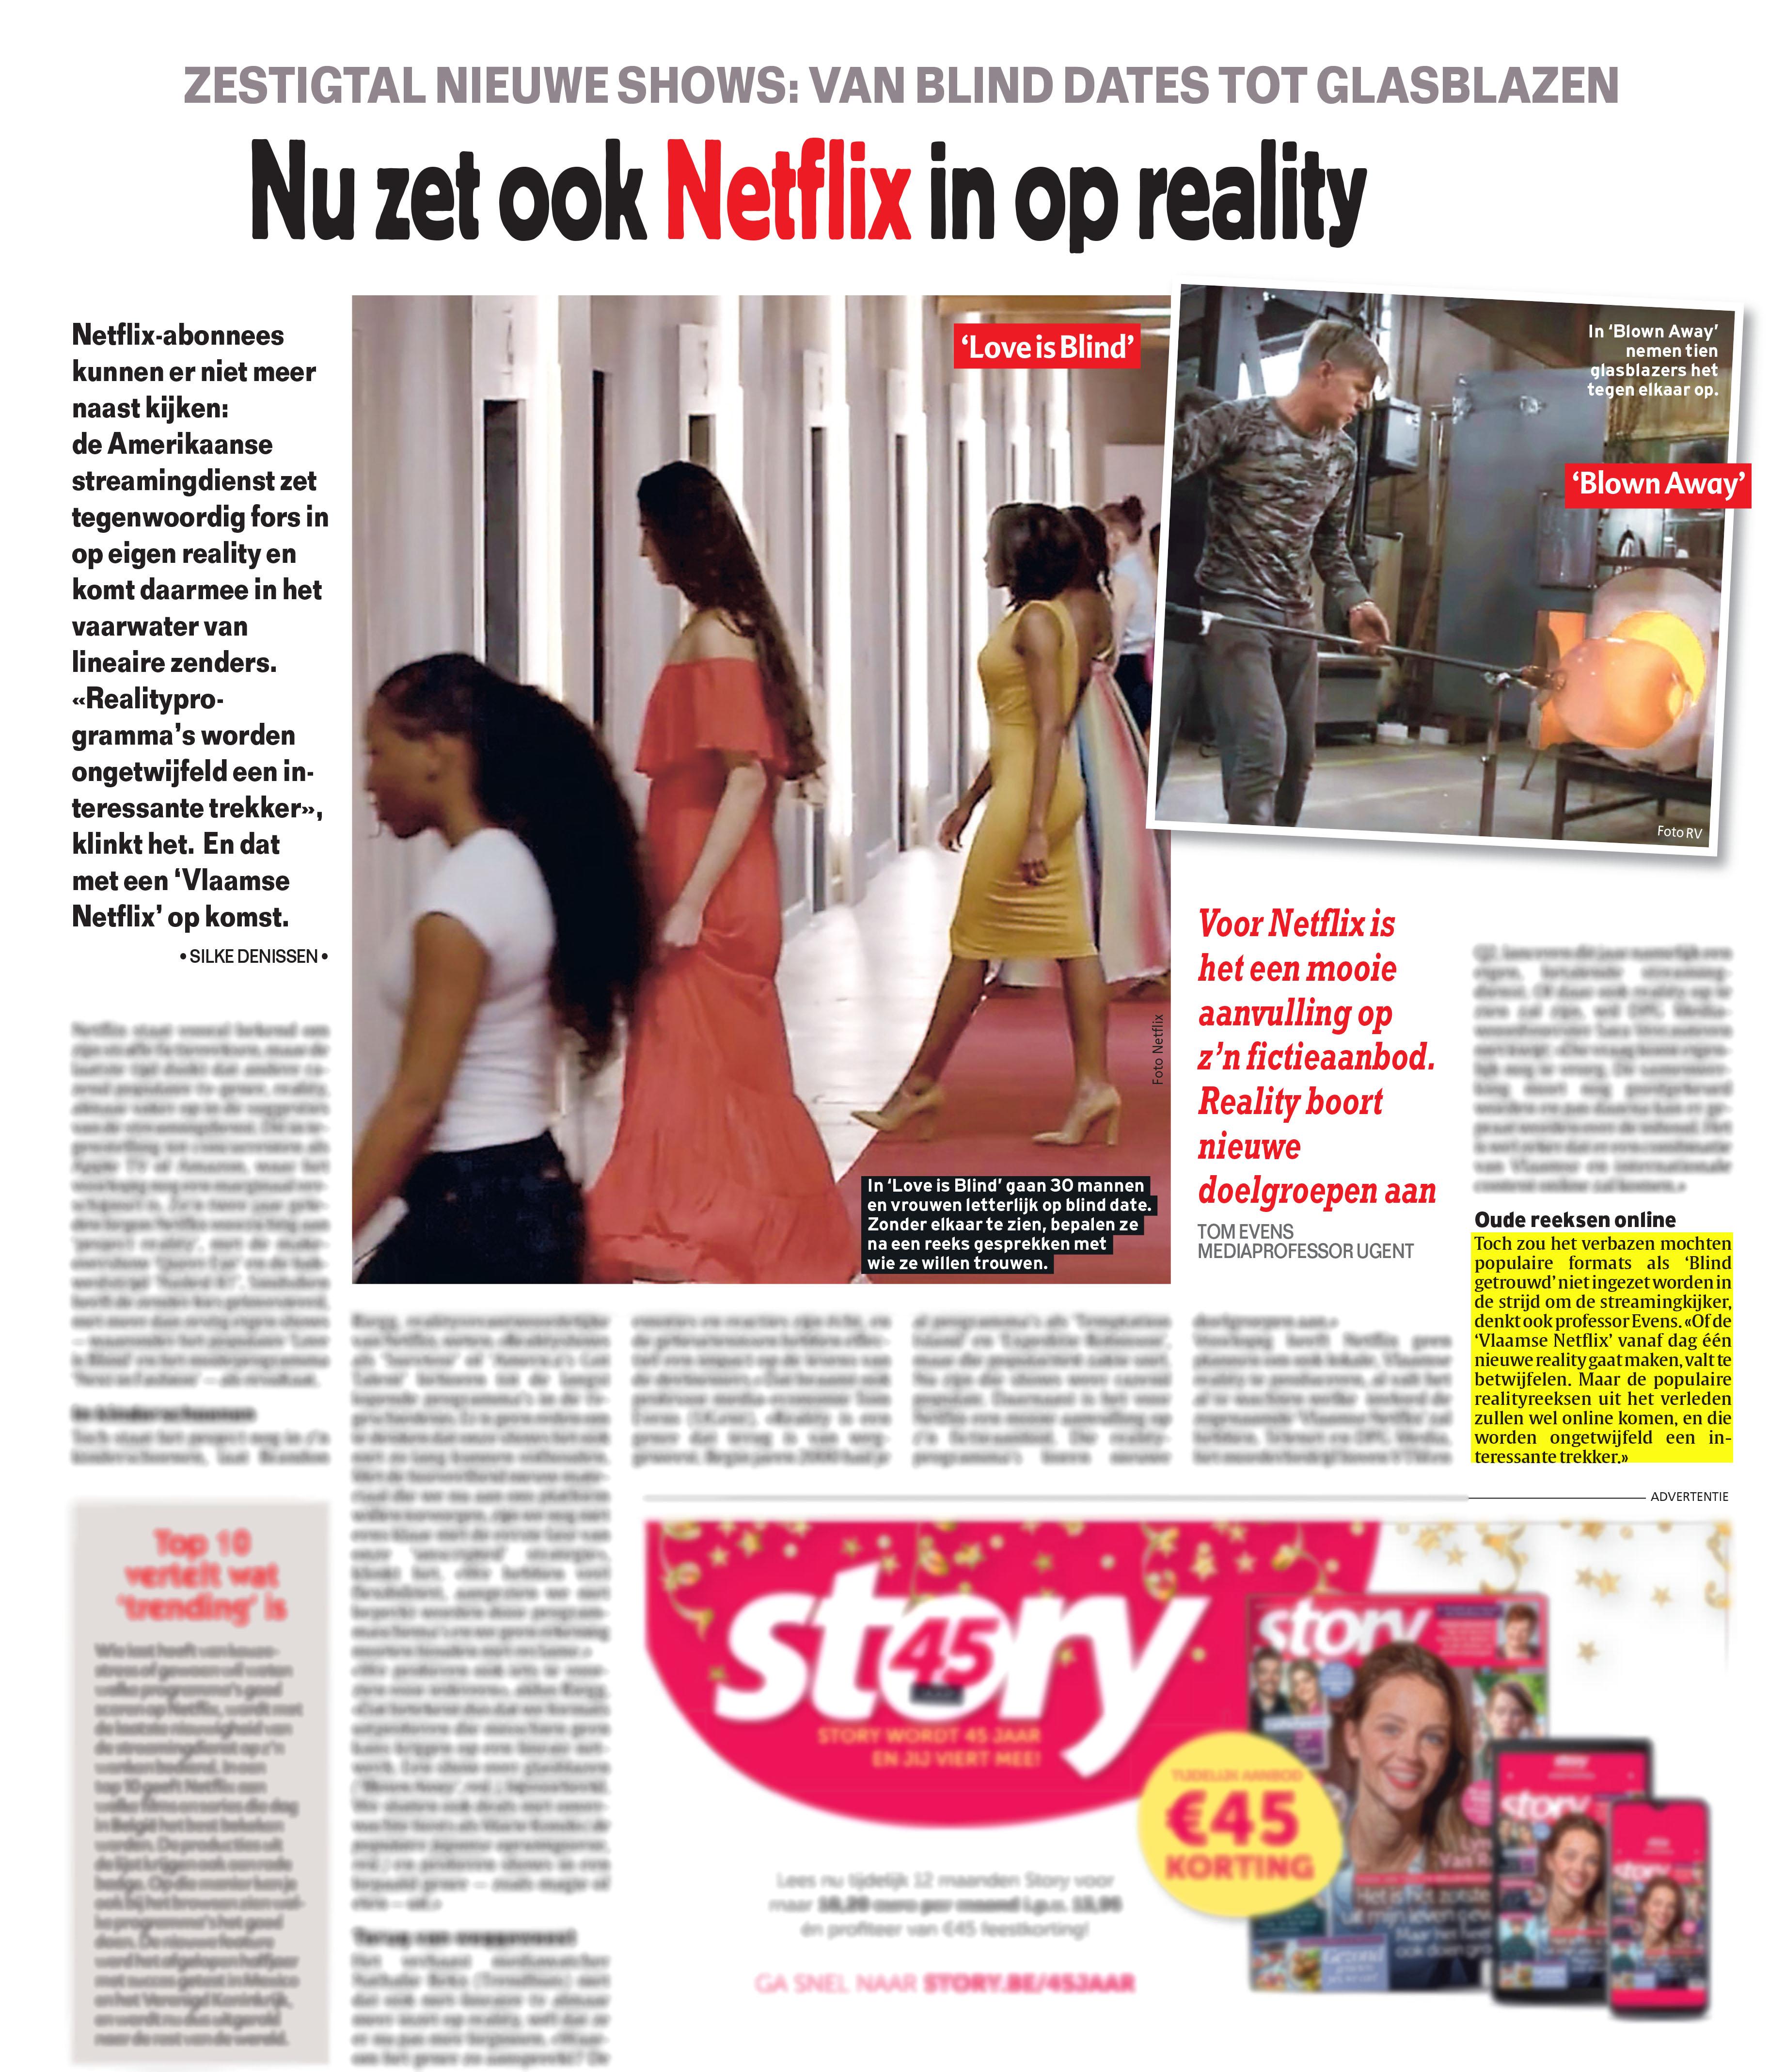 BRON: Het Laatste Nieuws, 28/02/2020, p 31